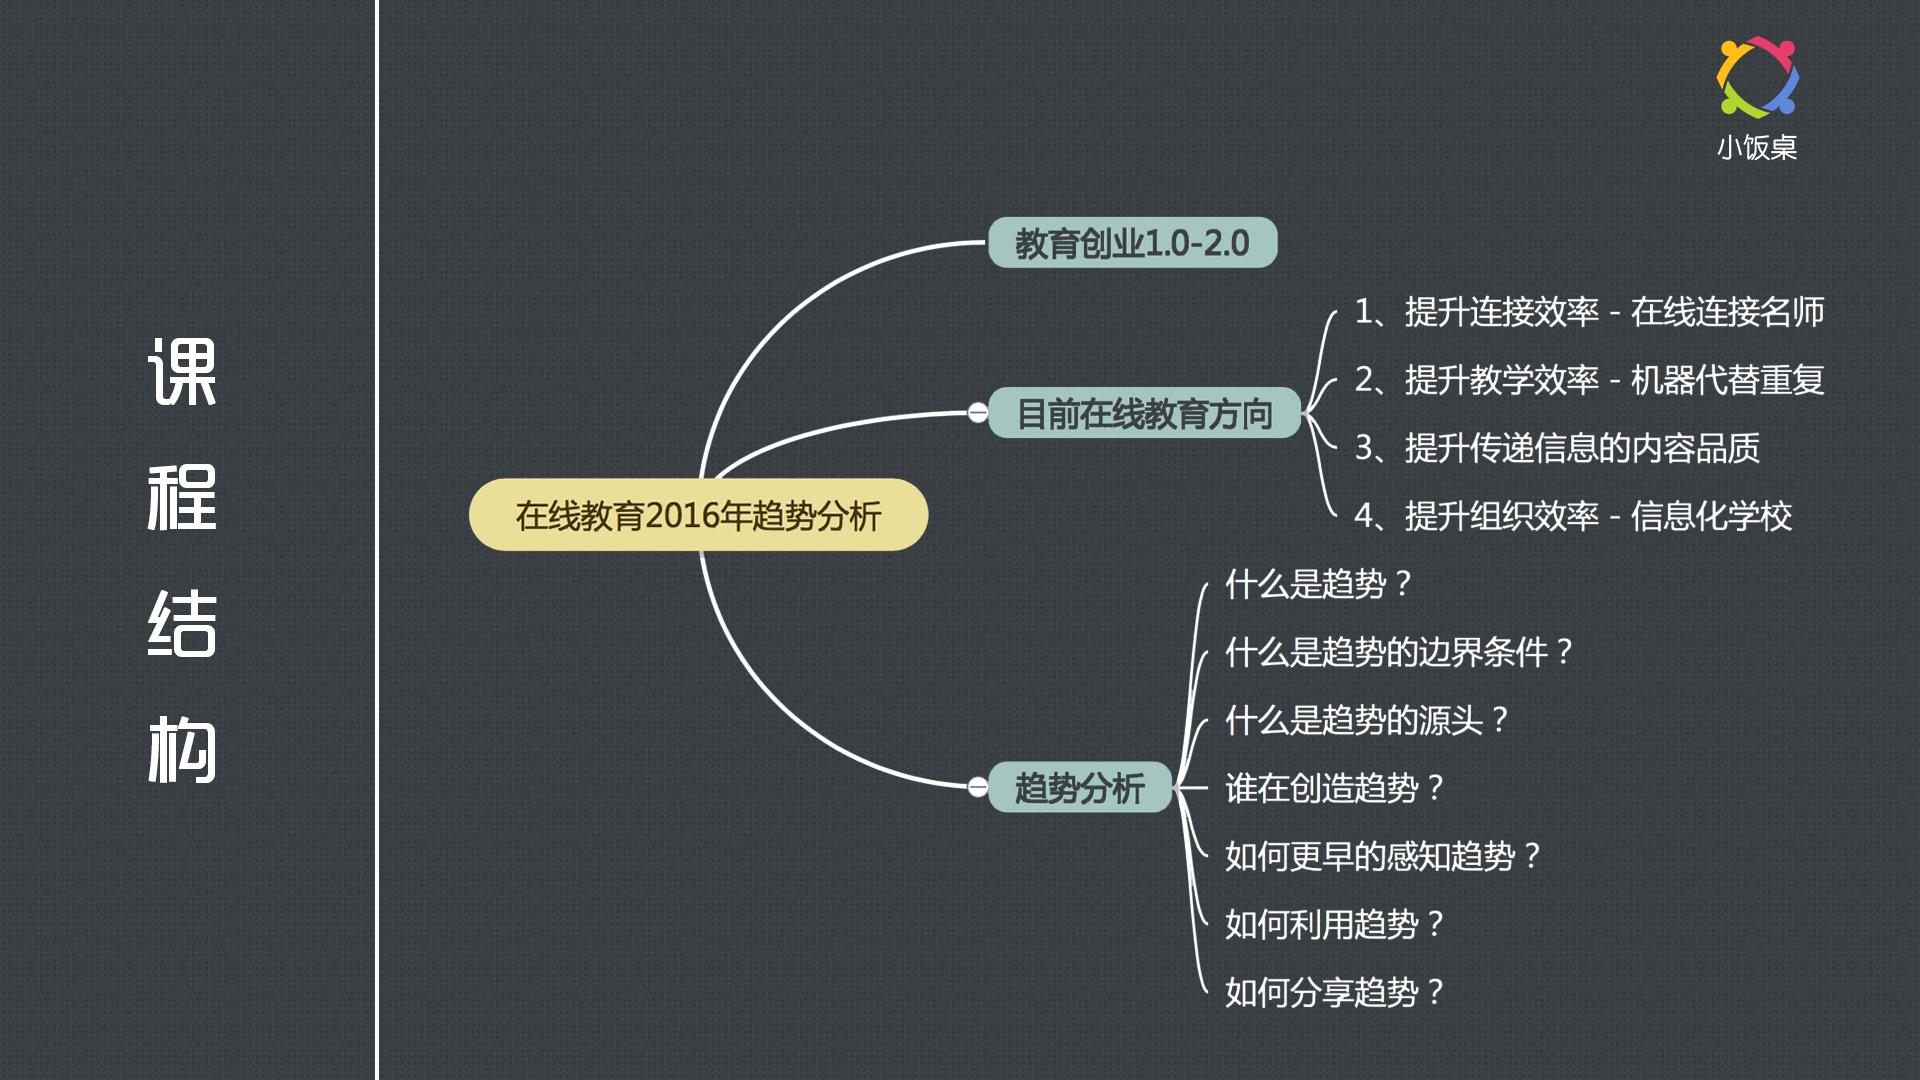 思维导图-宁柏宇.jpg